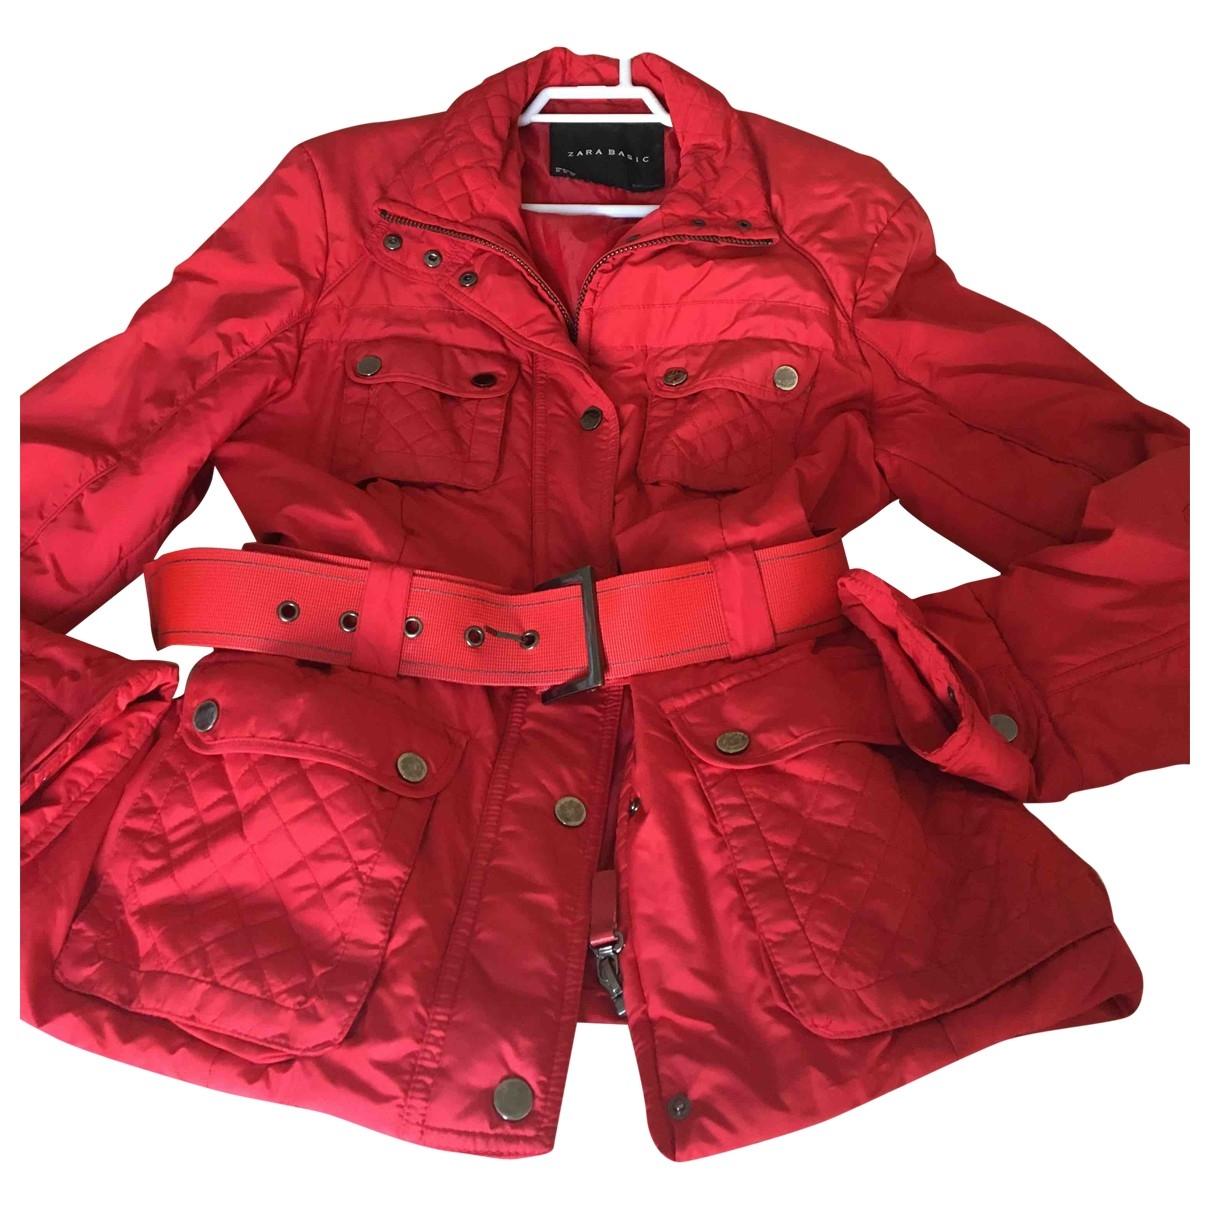 Zara \N Red coat for Women 32 FR